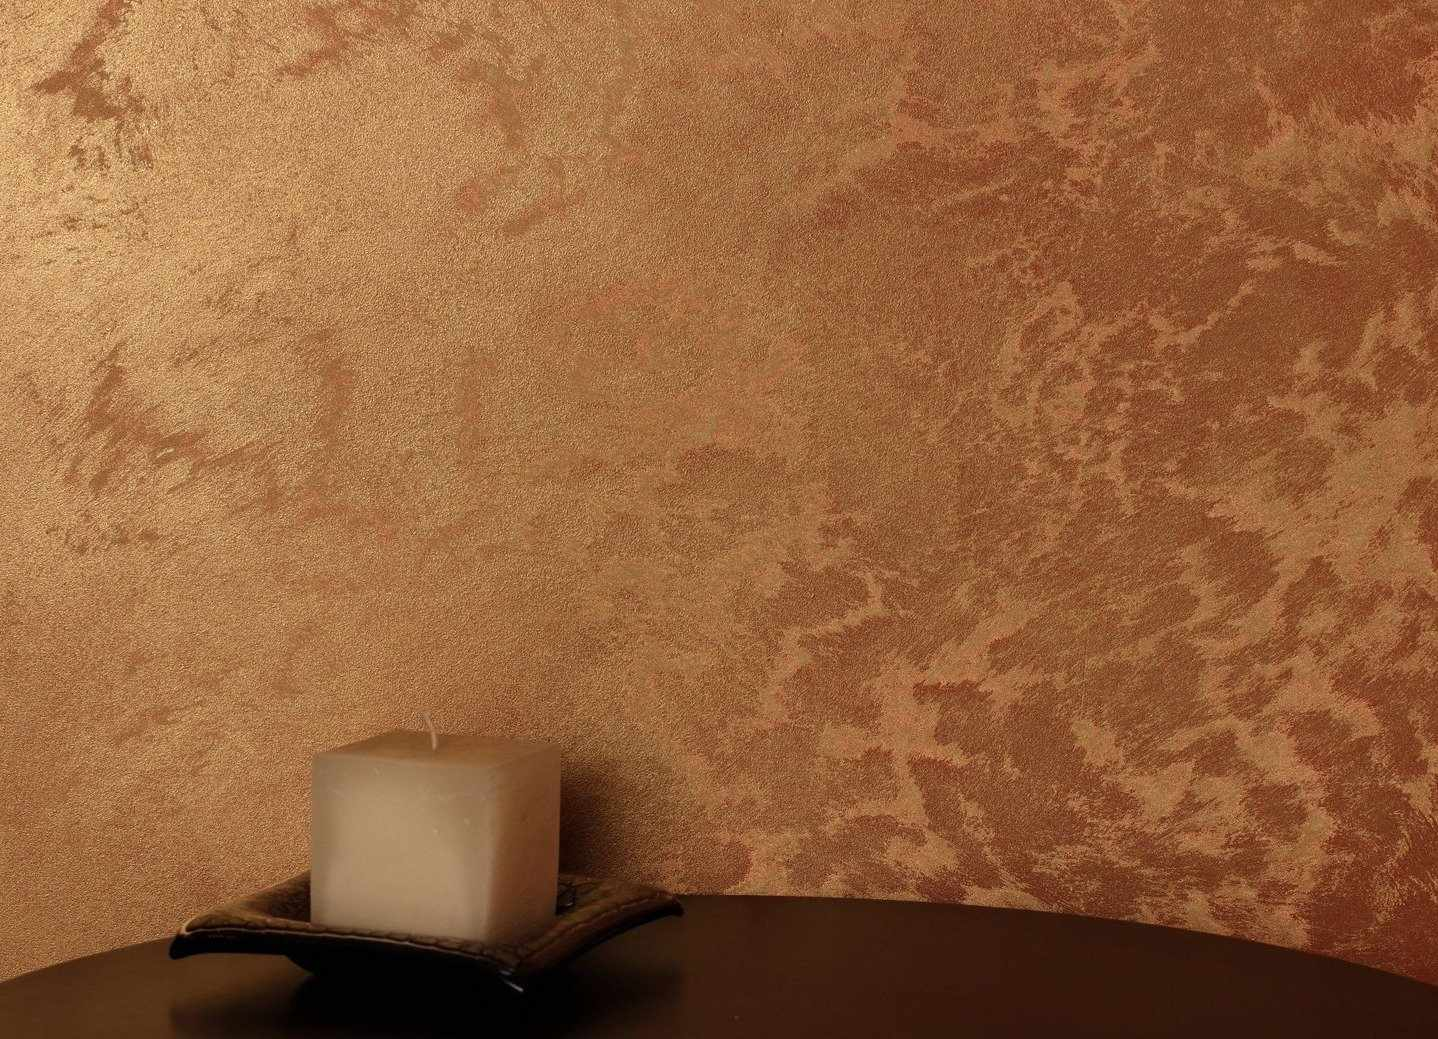 Свеча на столике